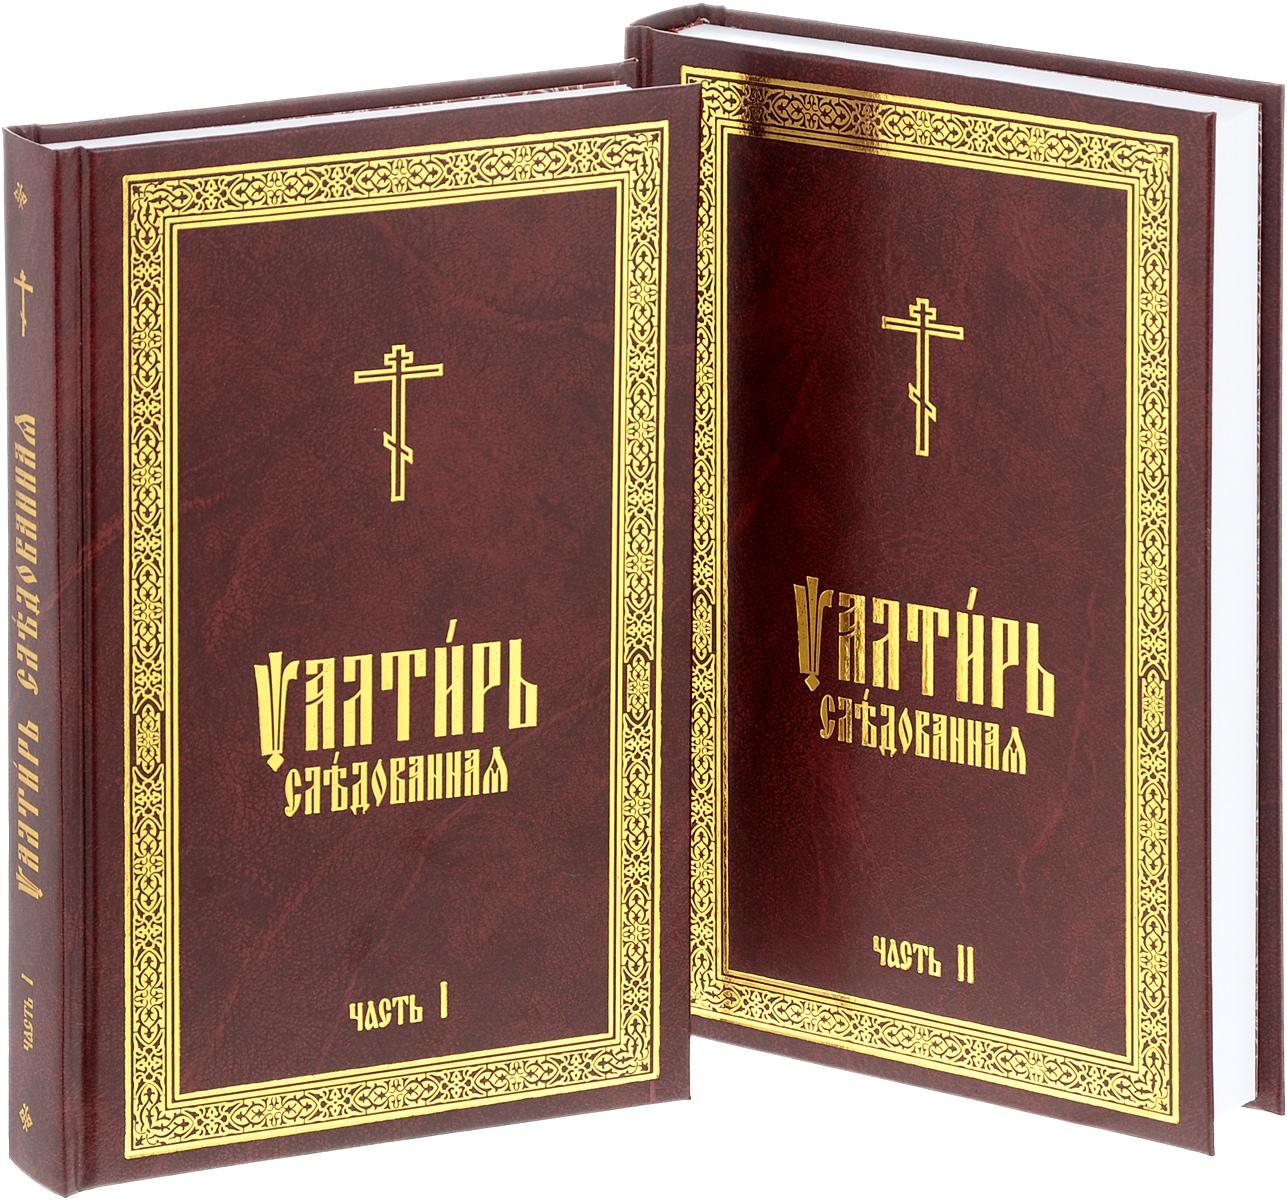 Псалтирь следованная (комплект из 2 книг) василиада комплект из 2 книг